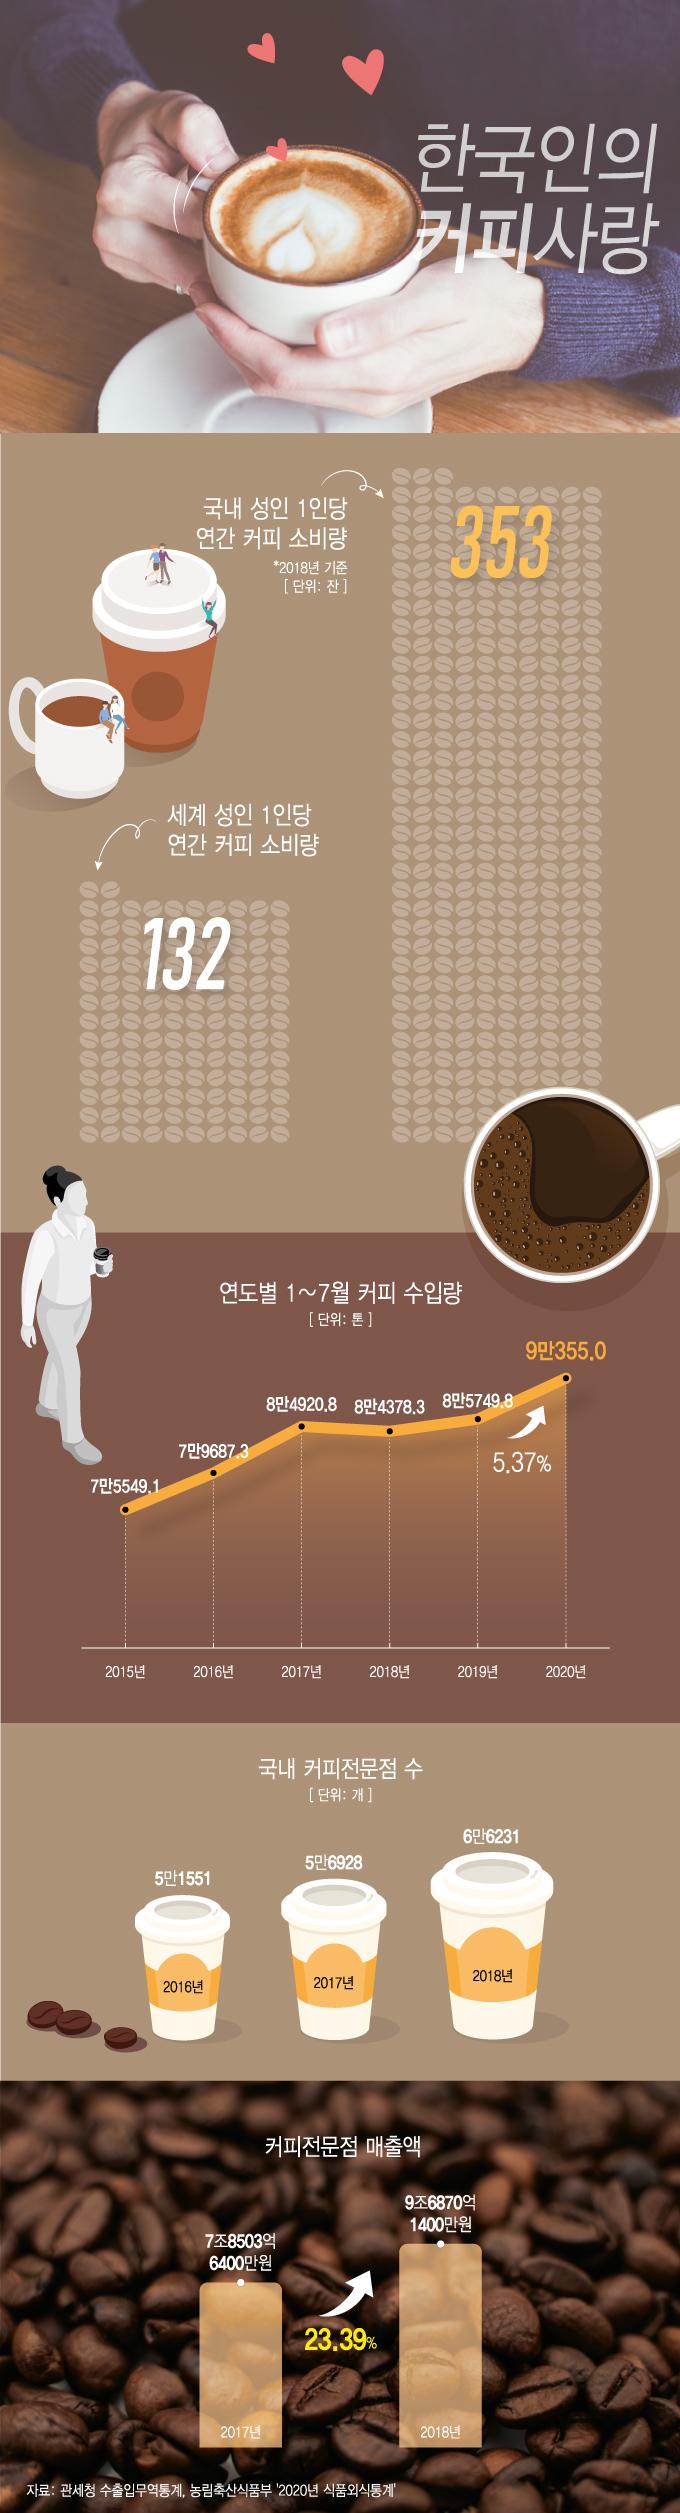 [그래픽뉴스] 한국인의 뜨거운 커피사랑, 일년에 353잔 마신다